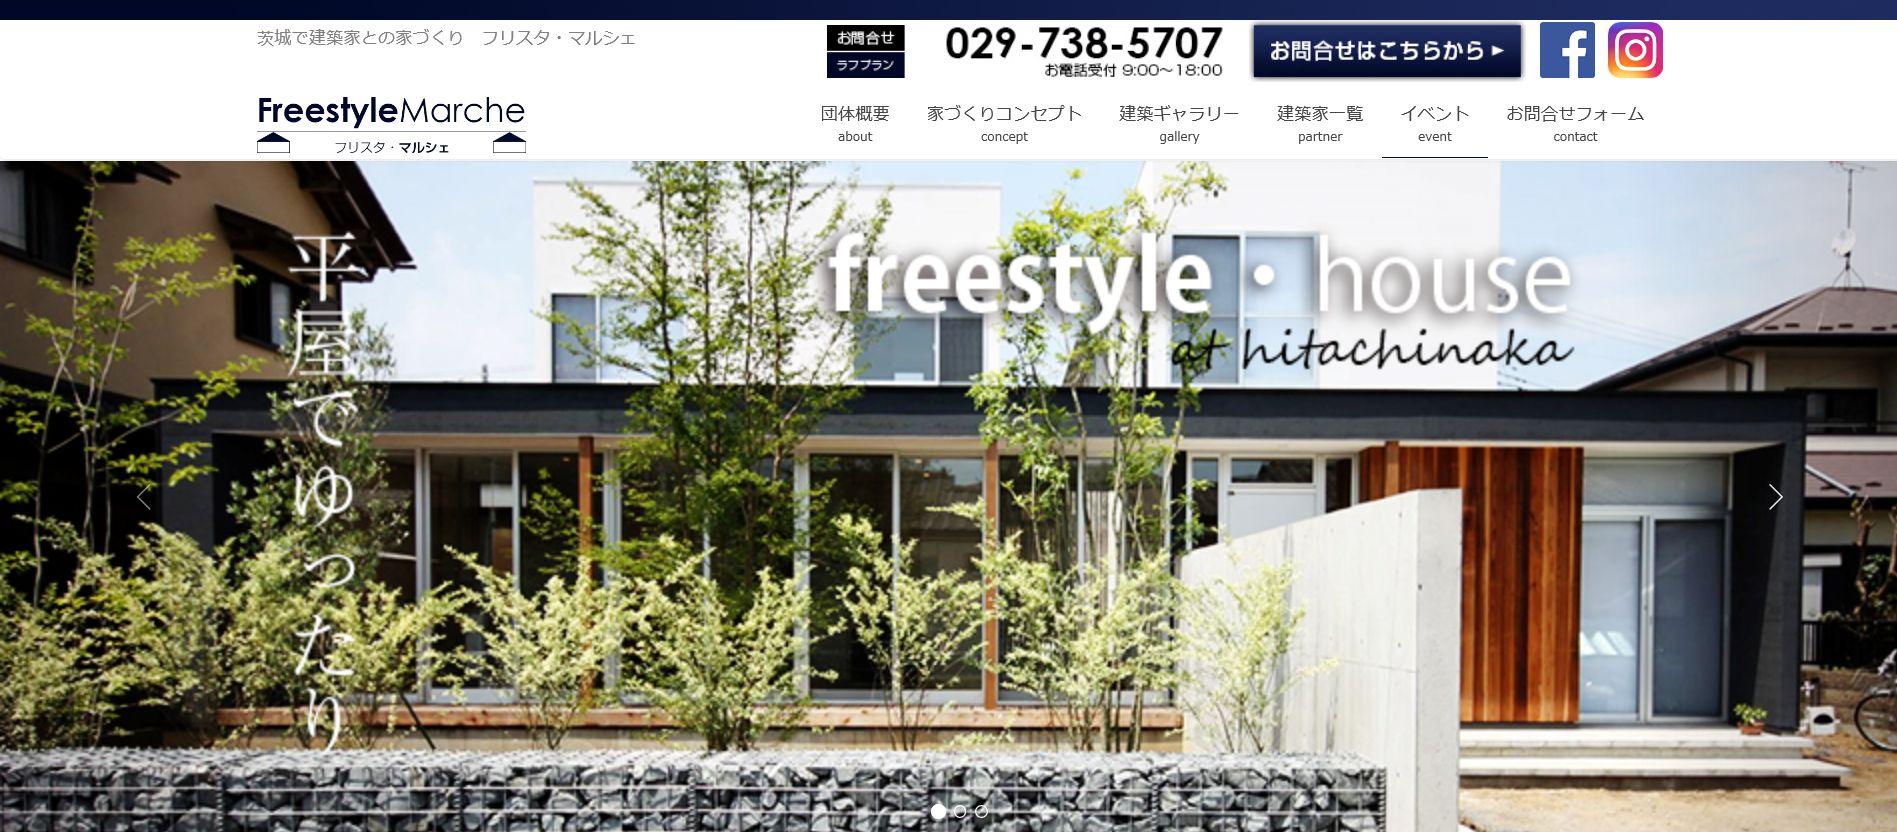 茨城の建築設計事務所ネットワーク フリスタマルシェ